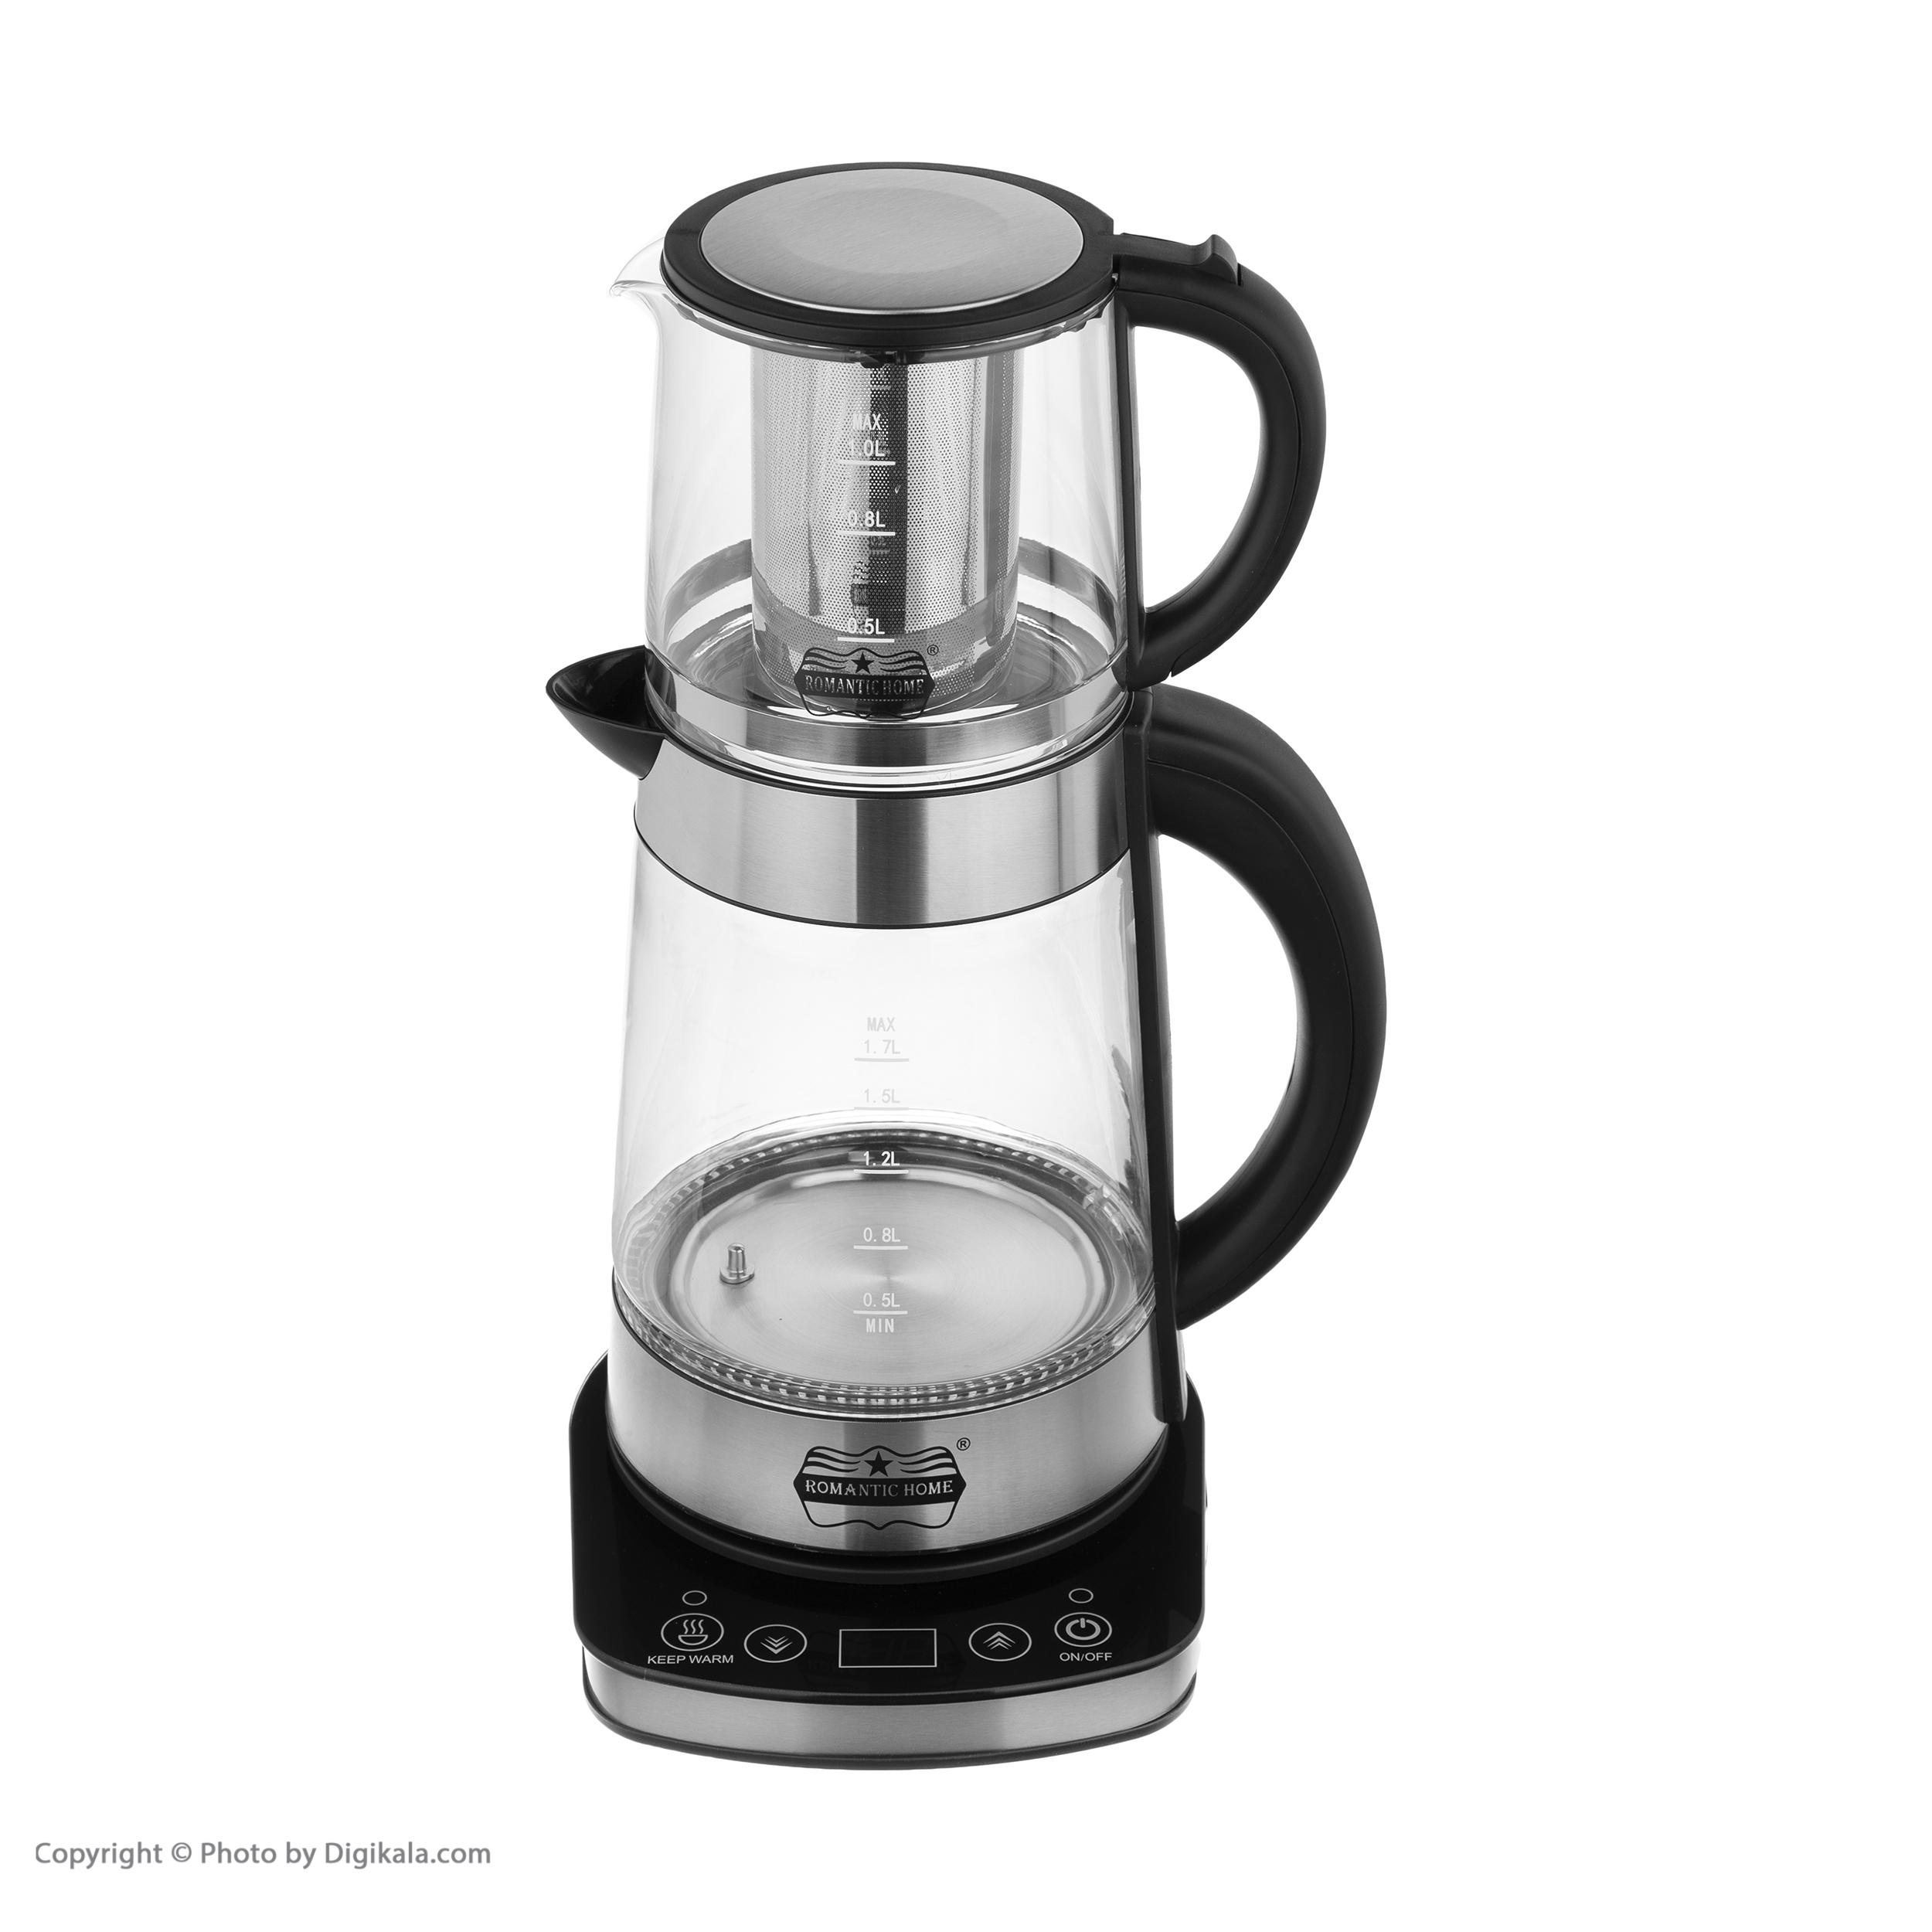 چای ساز رومانتیک هوم مدل W-K806 main 1 3